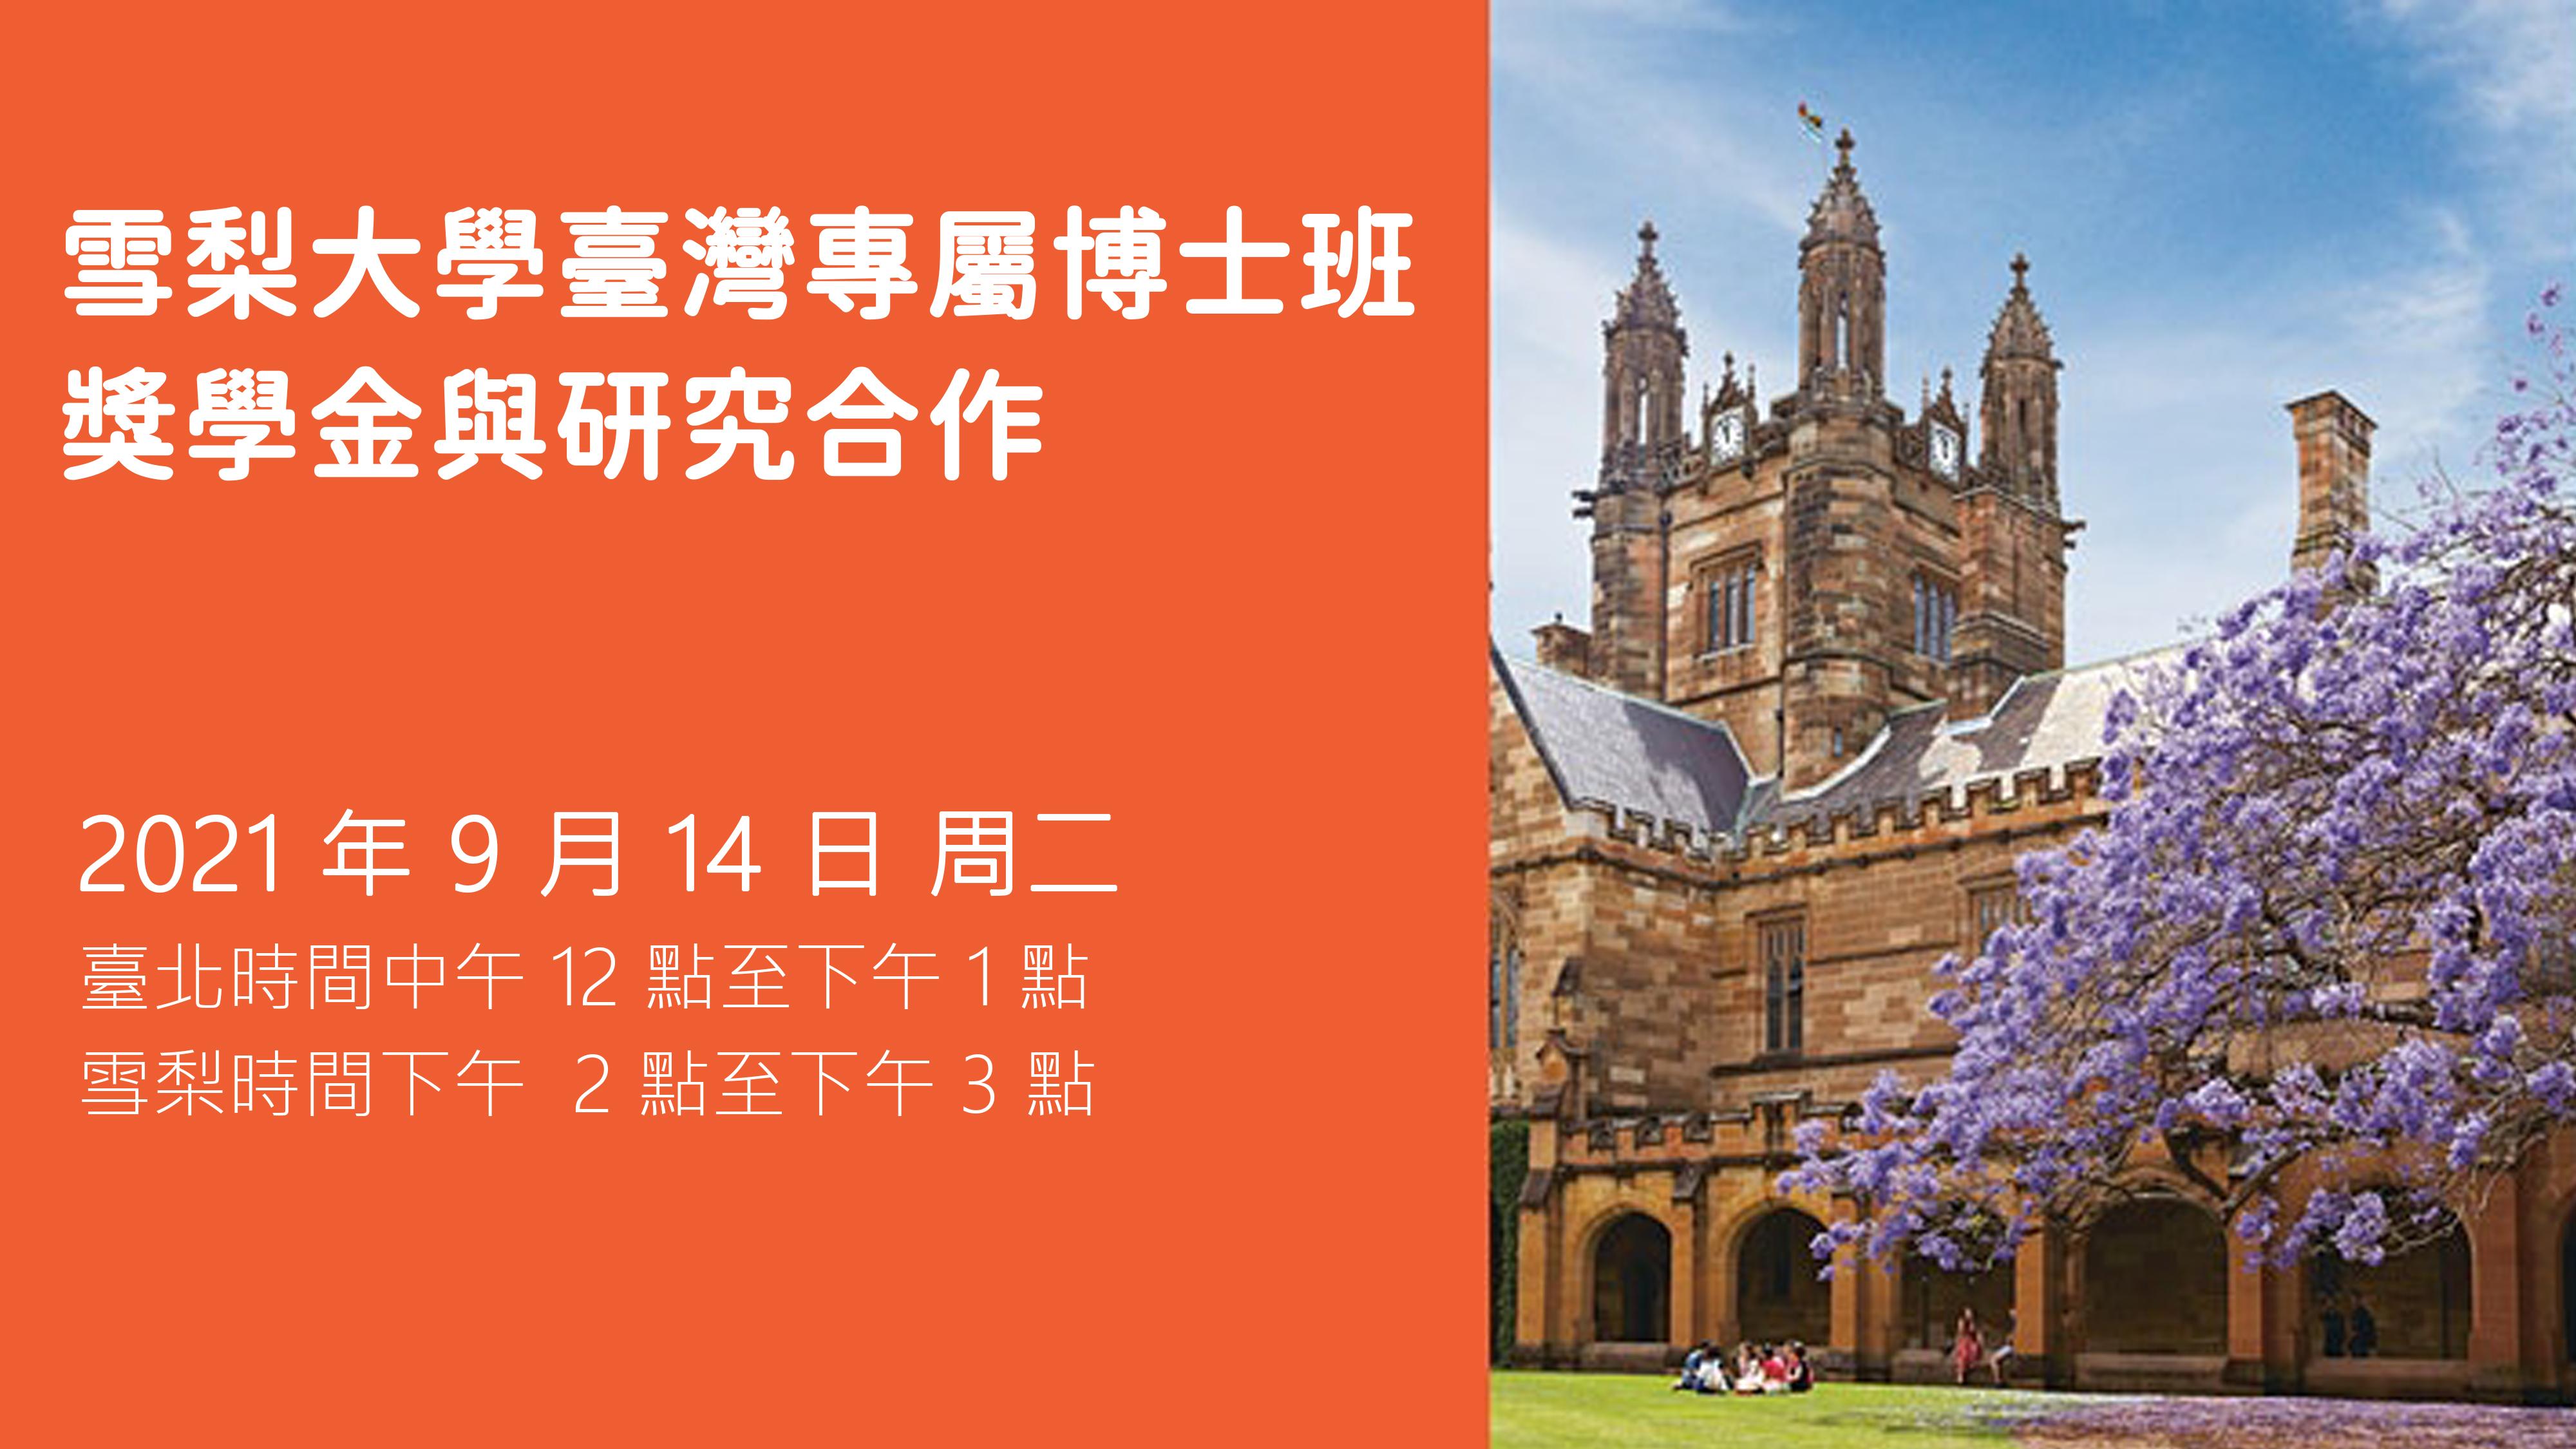 【線上說明會|雪梨大學臺灣專屬博士班獎學金與研究合作 ∕ 獎學金分享】